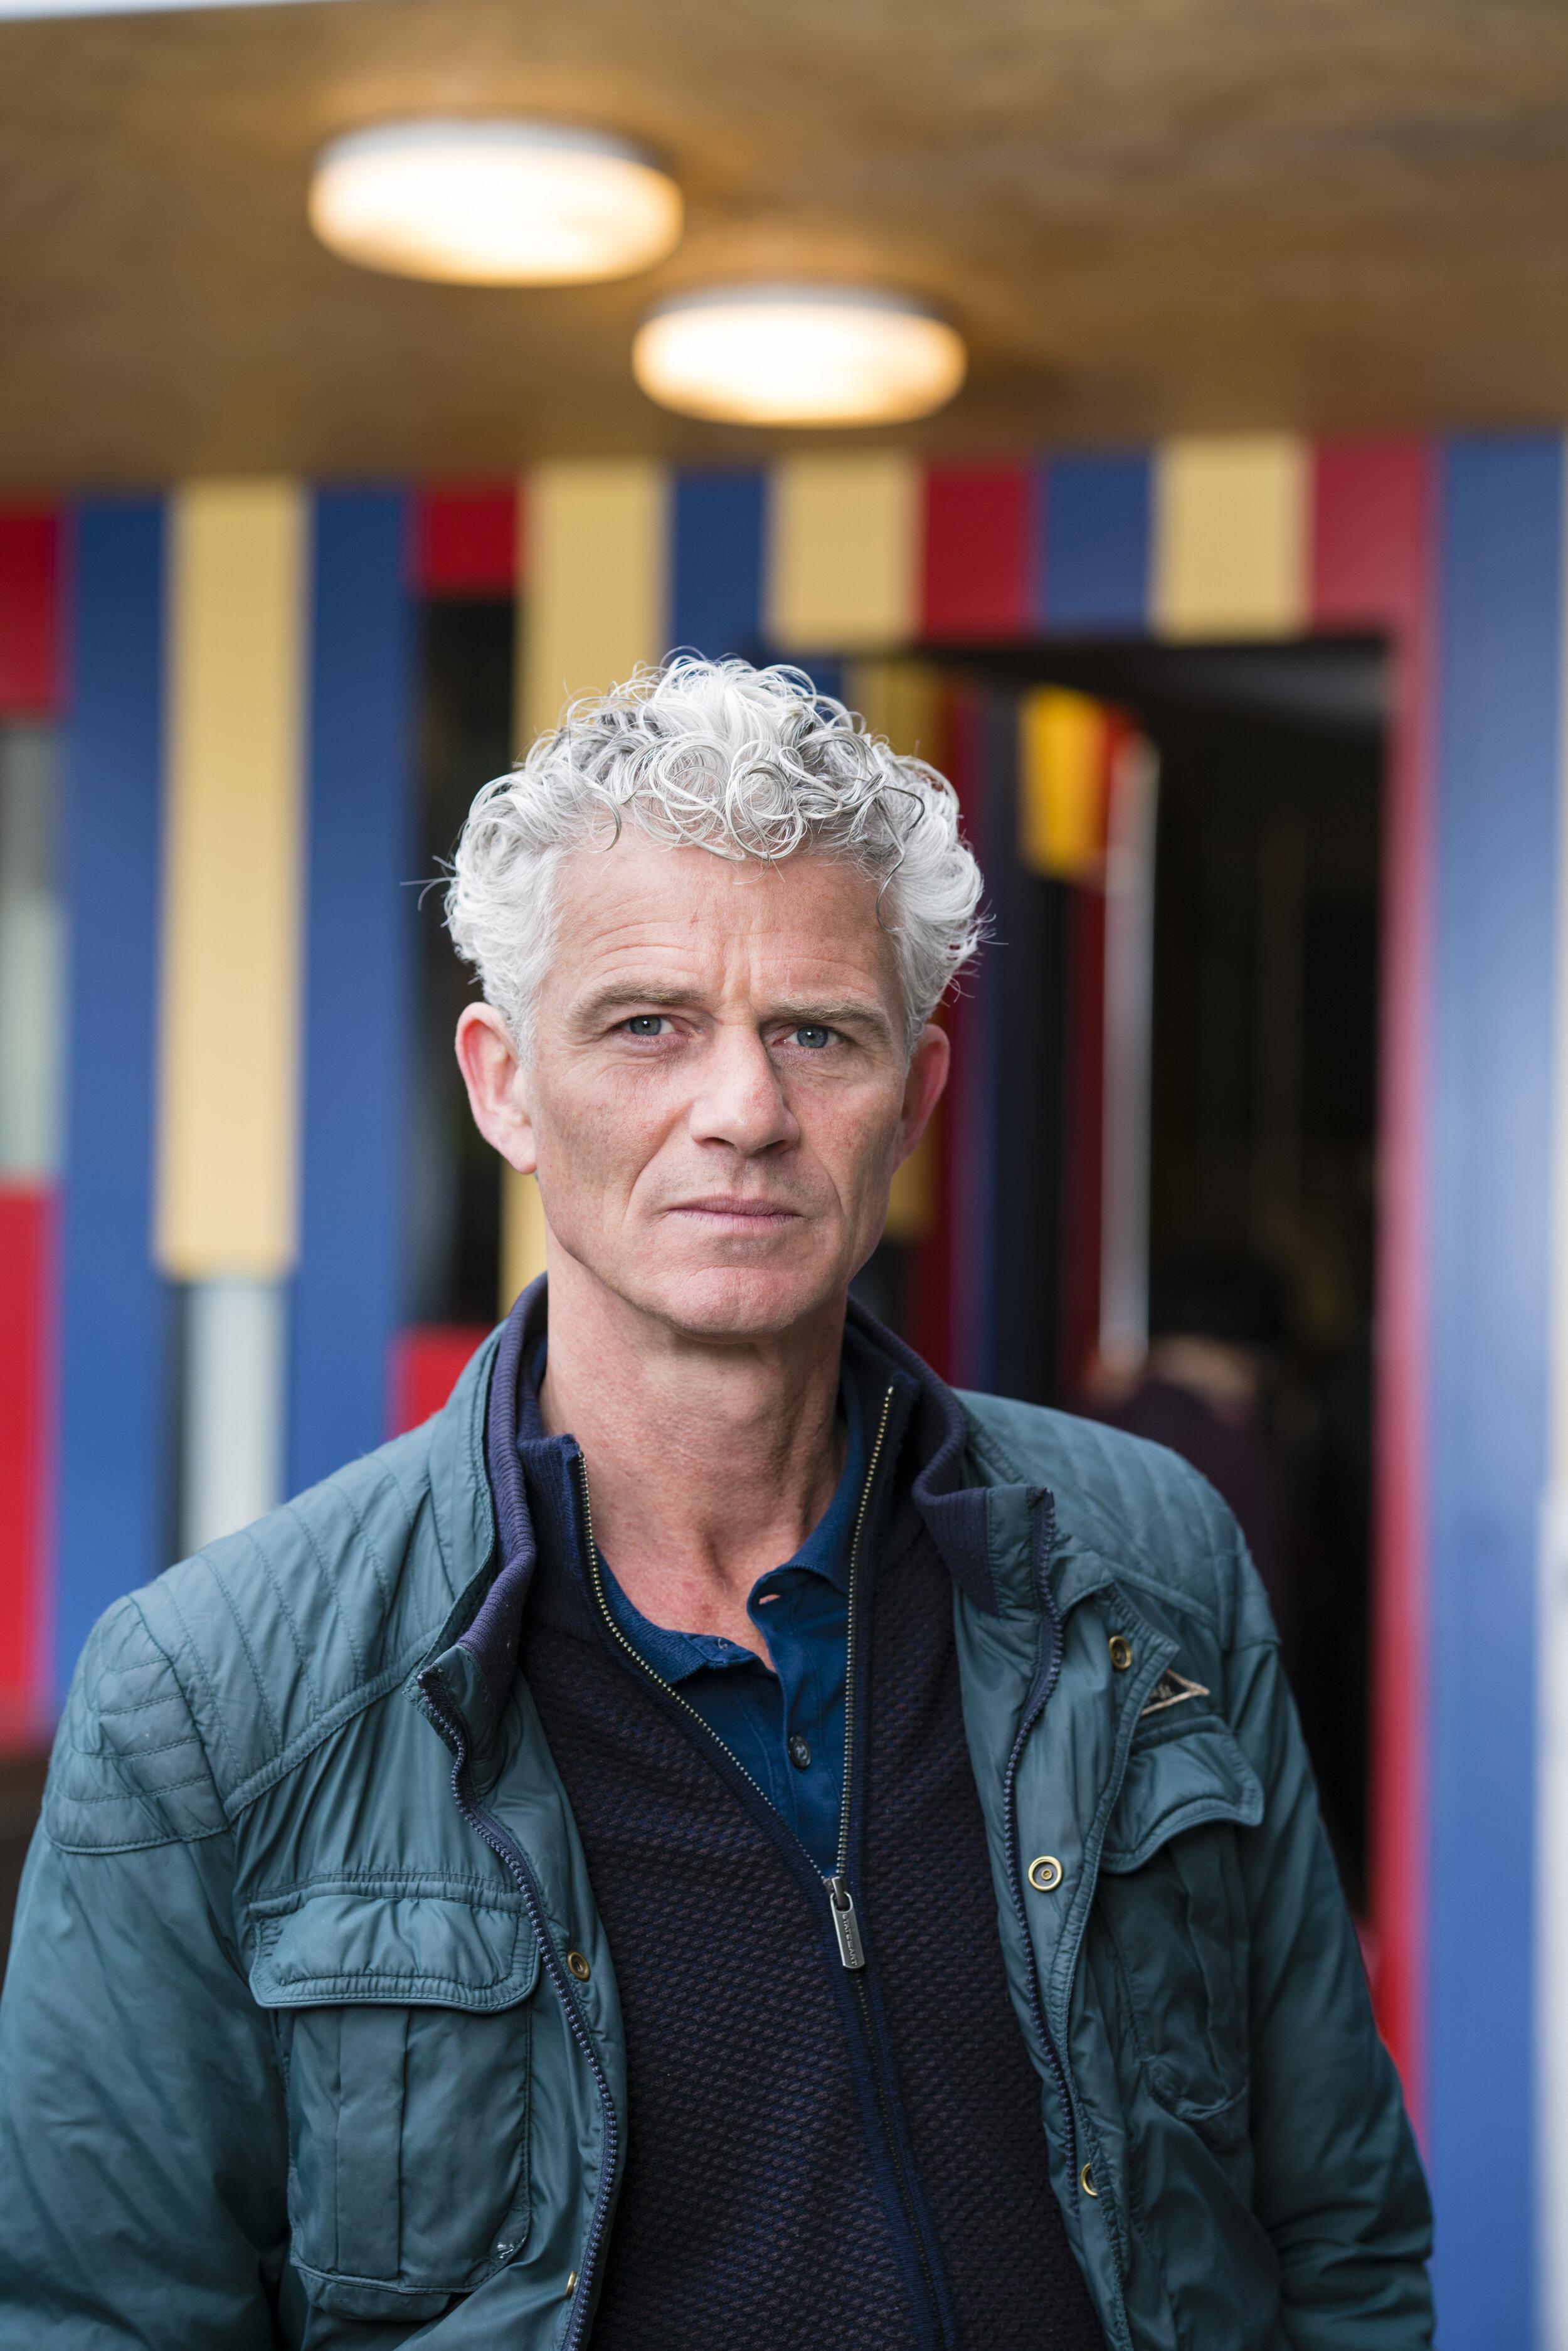 Igor van Laere